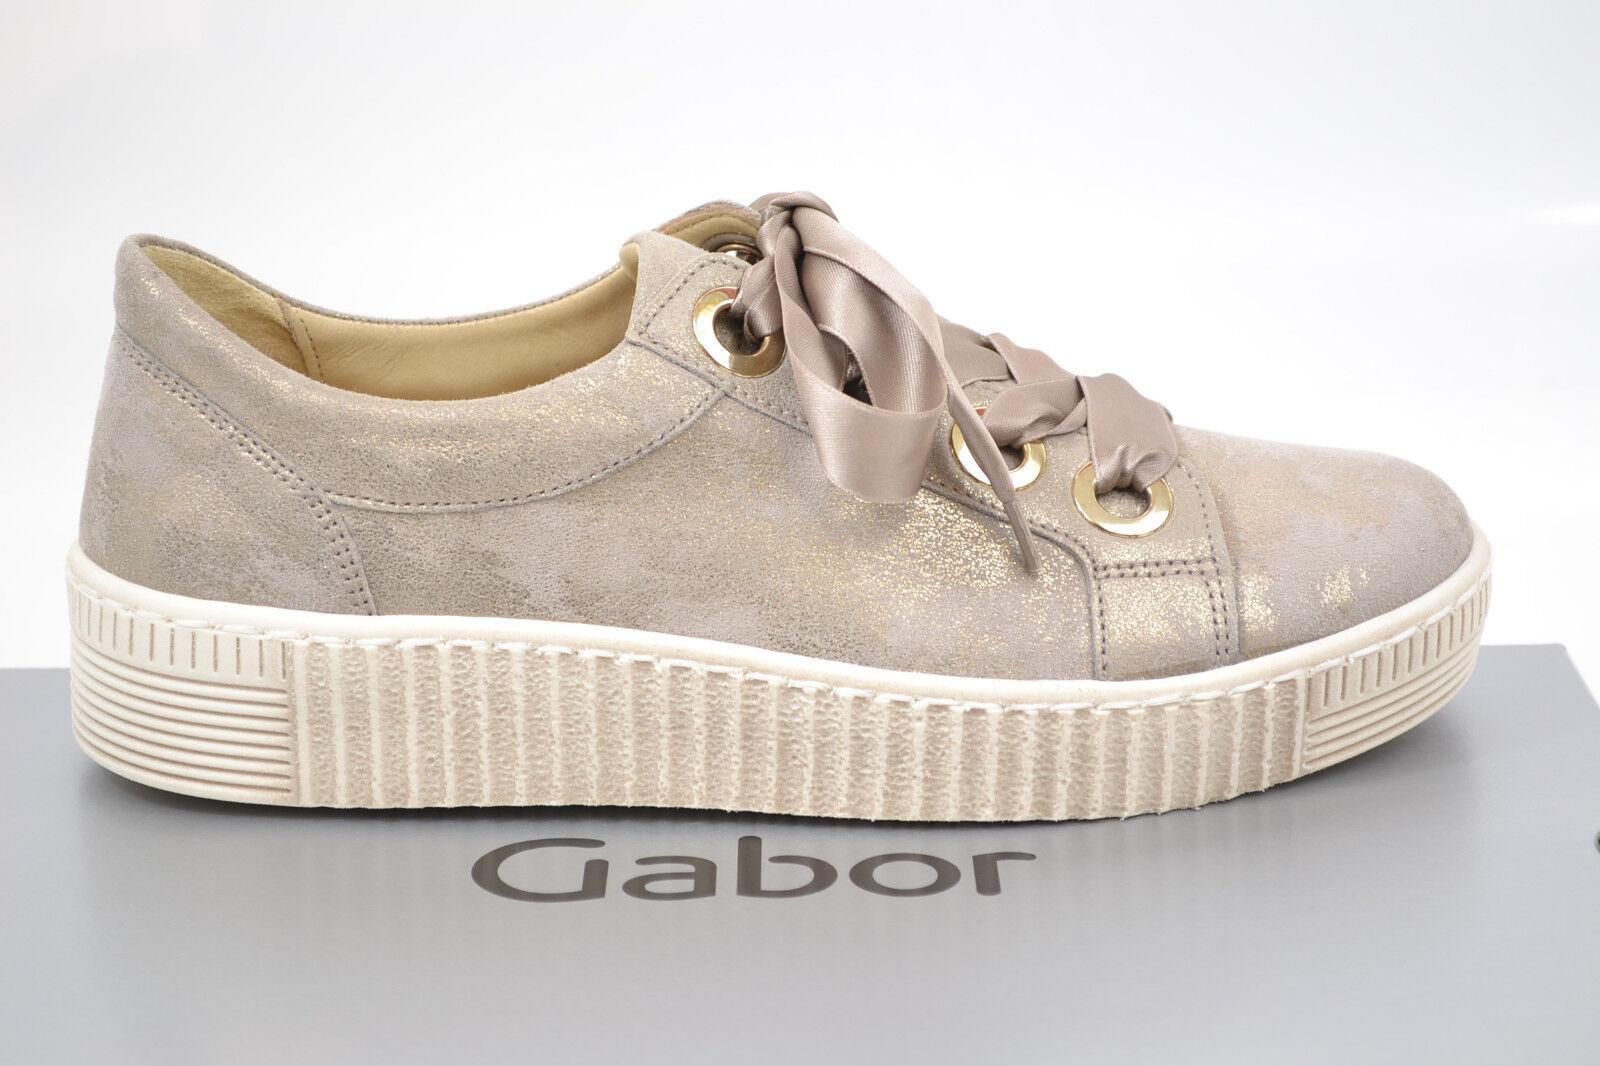 Gabor Sneaker Scarpe Da NUOVO Donna Scarpe Comfort Conchiglia Metallizzato NUOVO Da fs18 000cf4